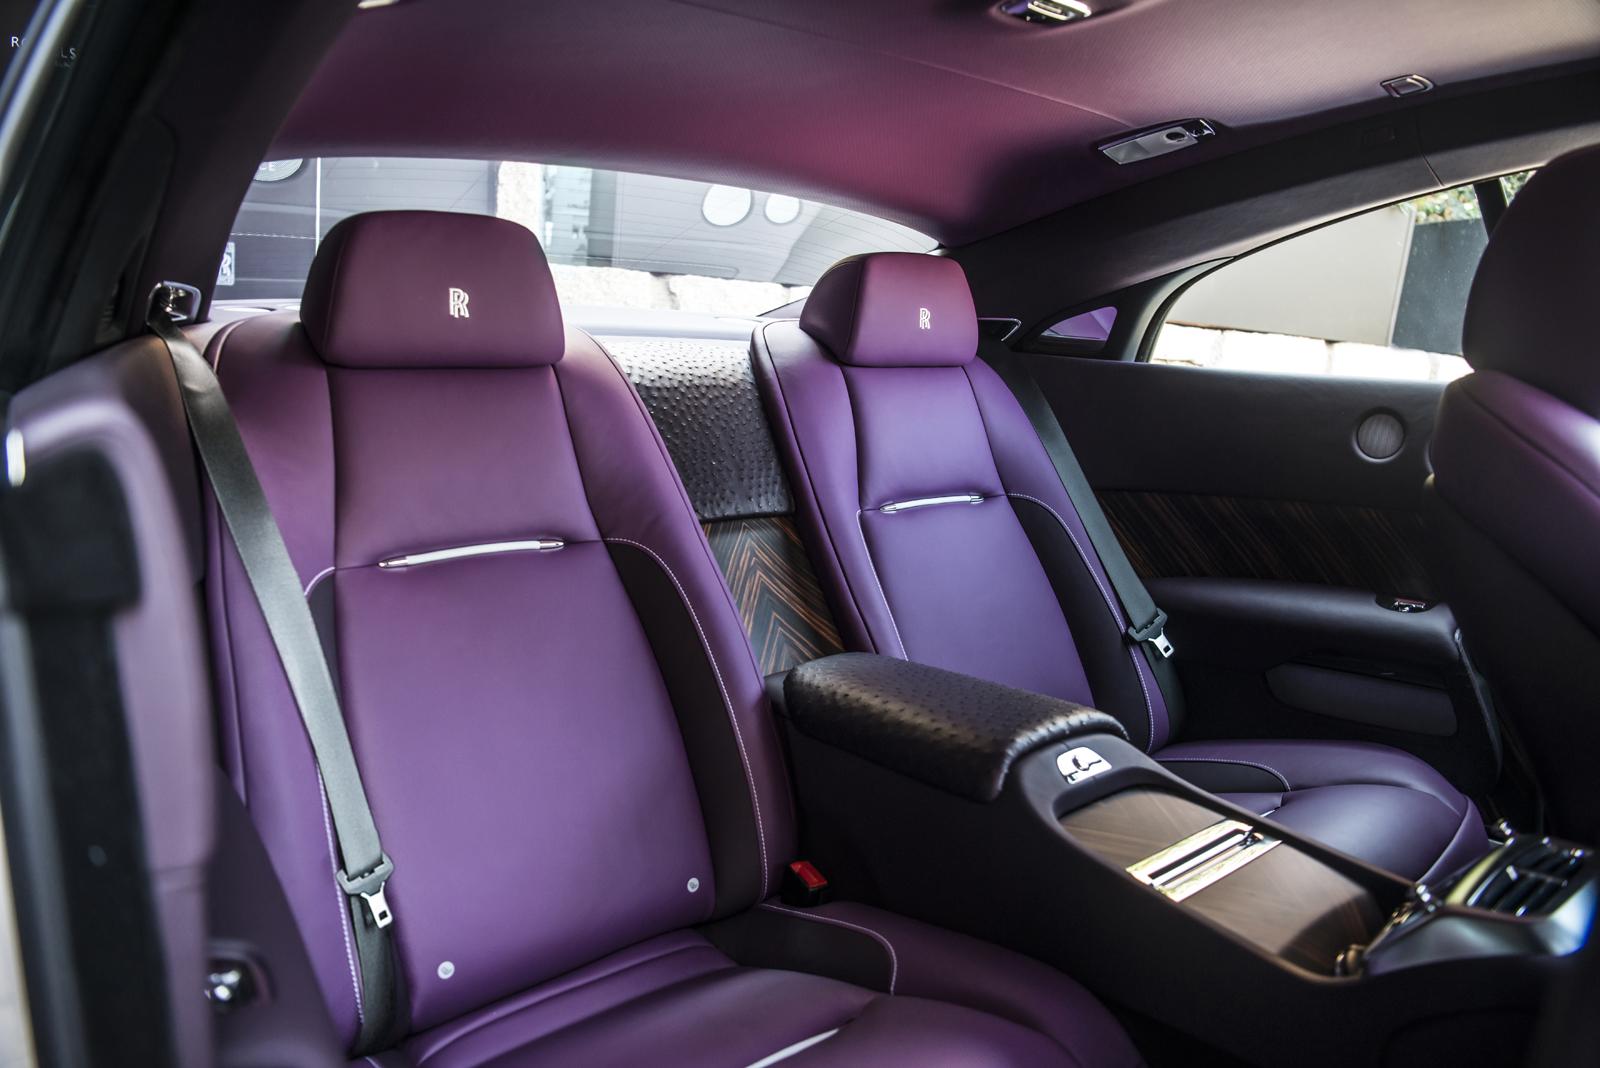 Nội thất màu tím lạ mắt của Rolls-Royce Wraith phiên bản đặc biệt.